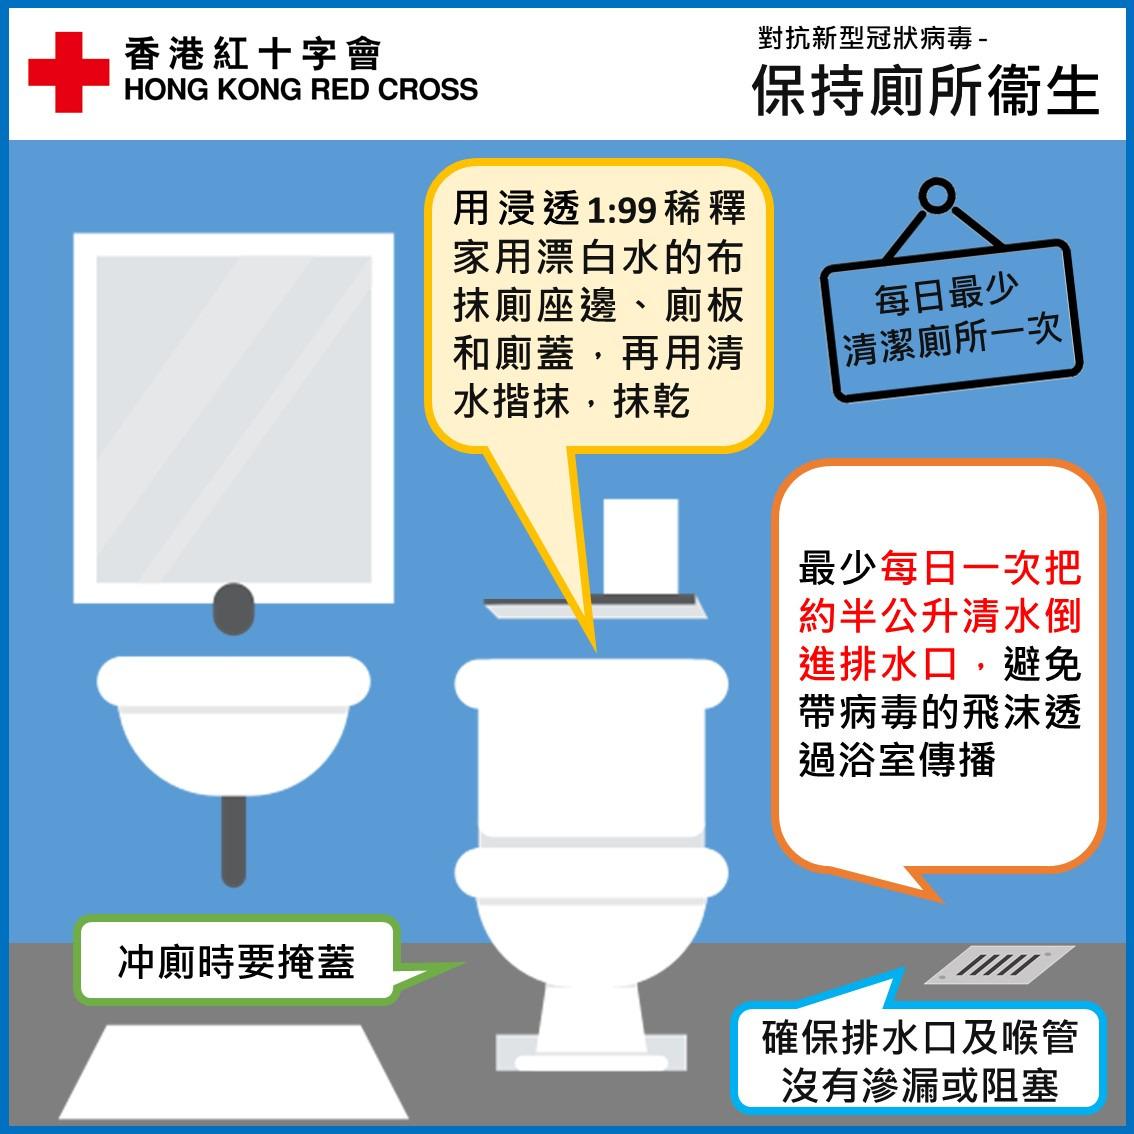 匡智翠林晨崗學校 評估系統 -- 防疫資訊